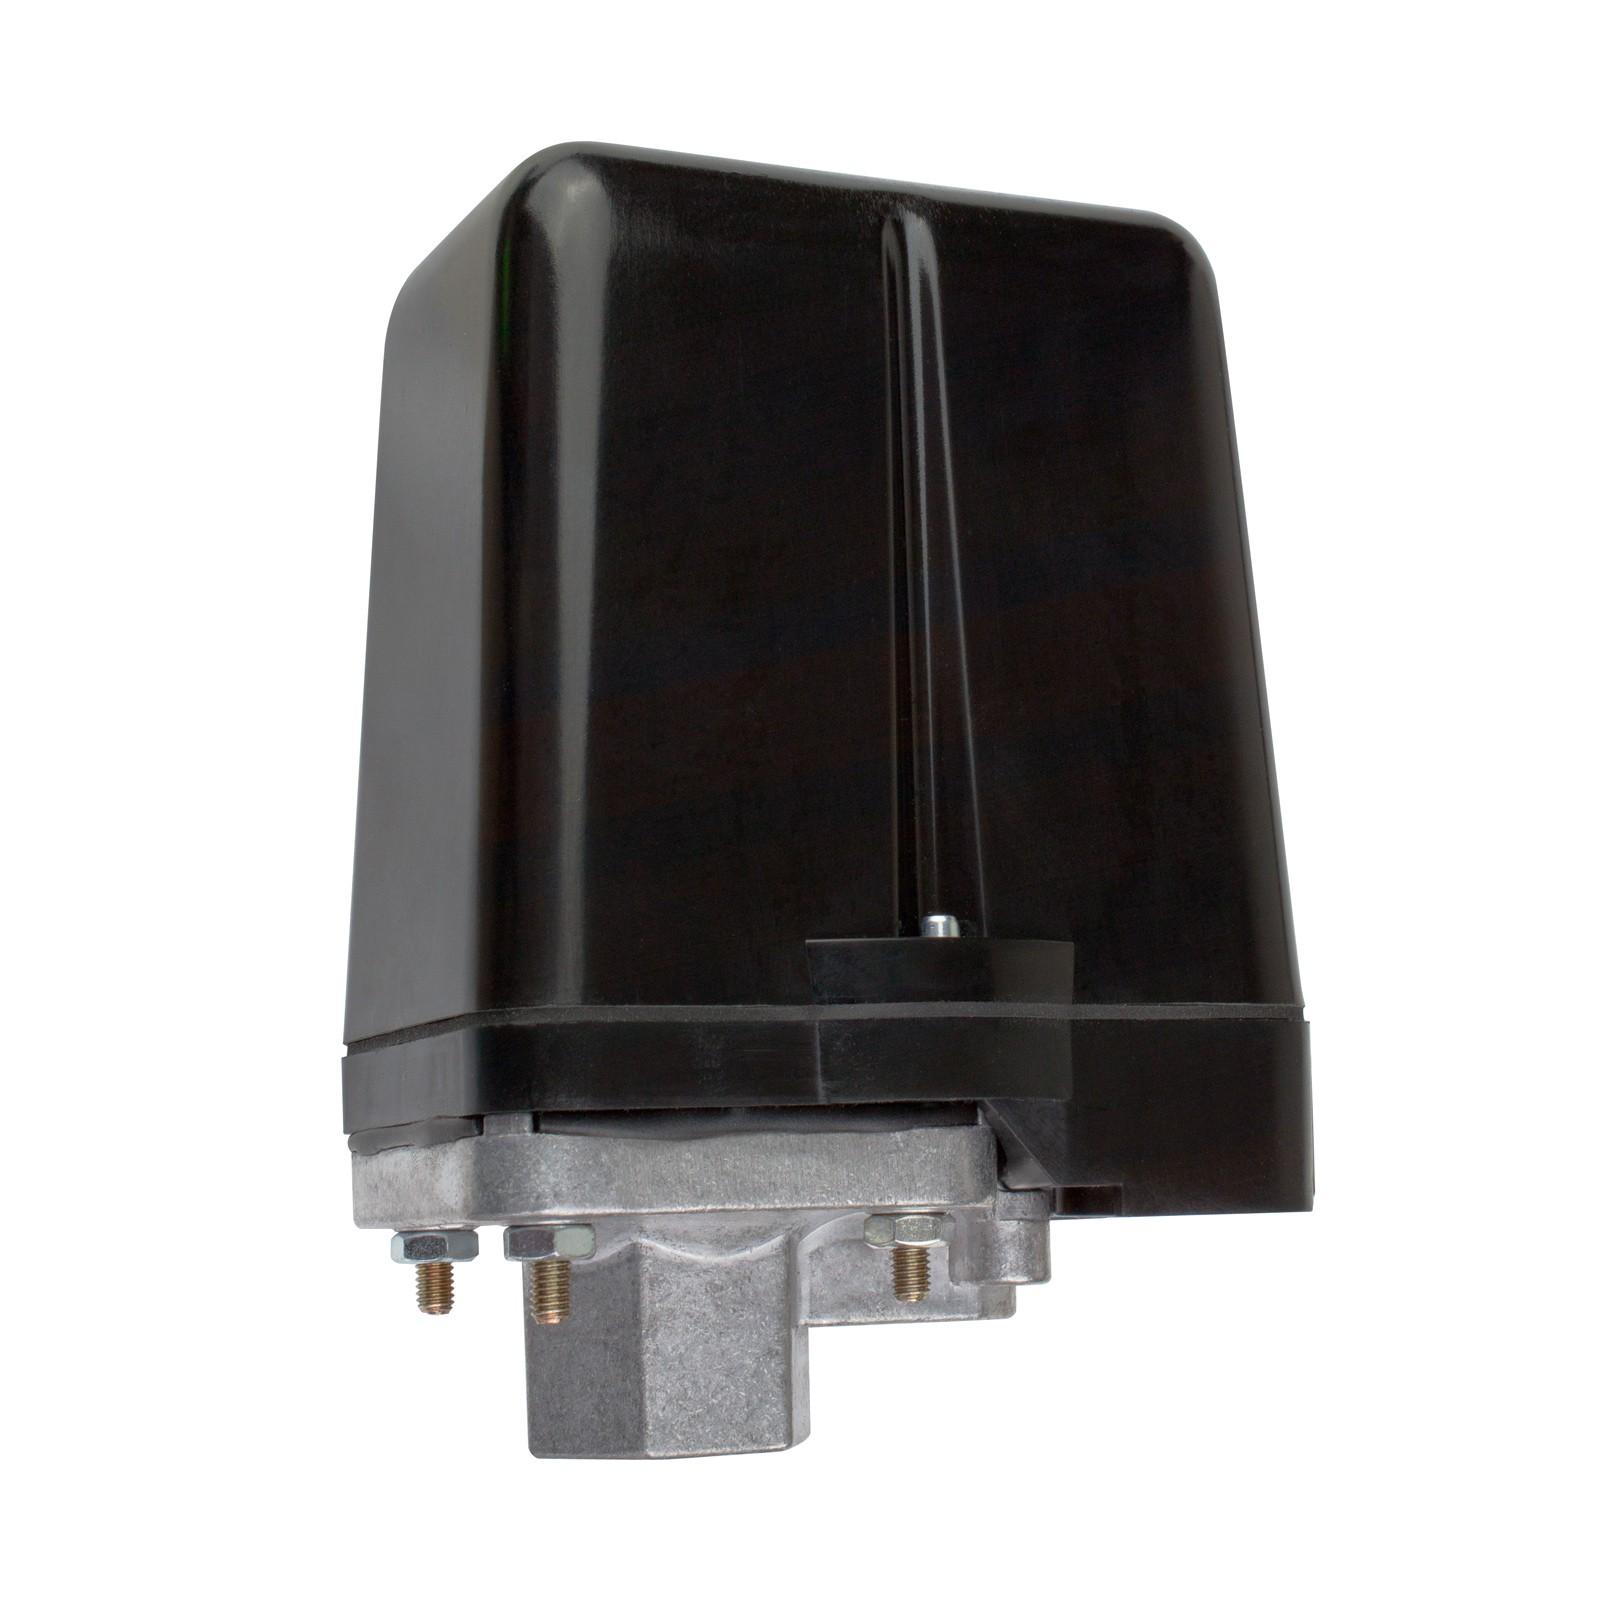 Druckschalter / Druckwächter Condor MDR 5/8 2-8 bar für Wasser